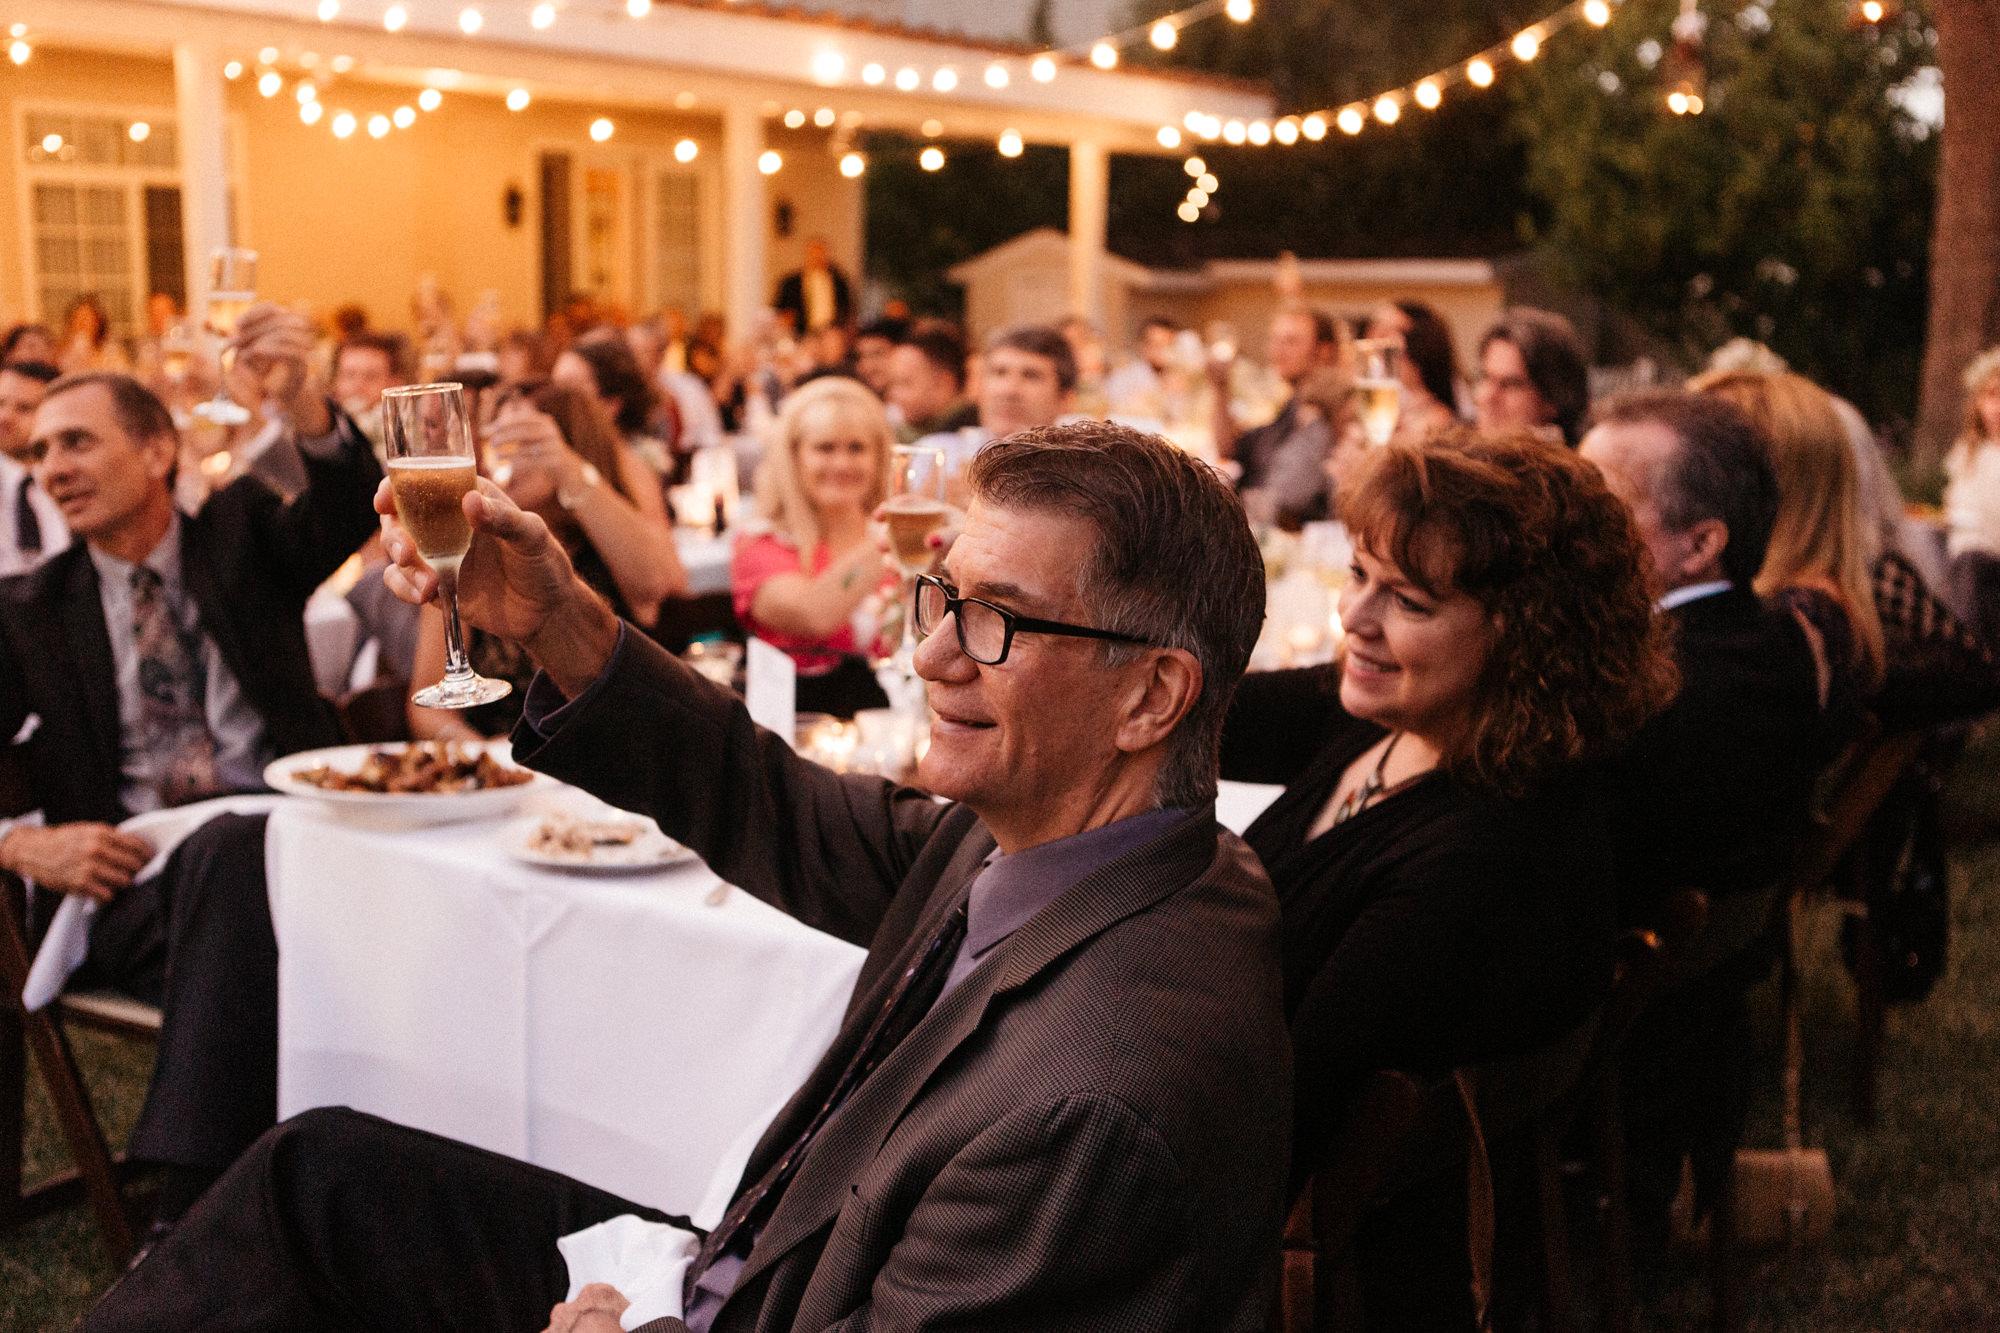 los_angeles_mormon_temple_wedding-46.jpg